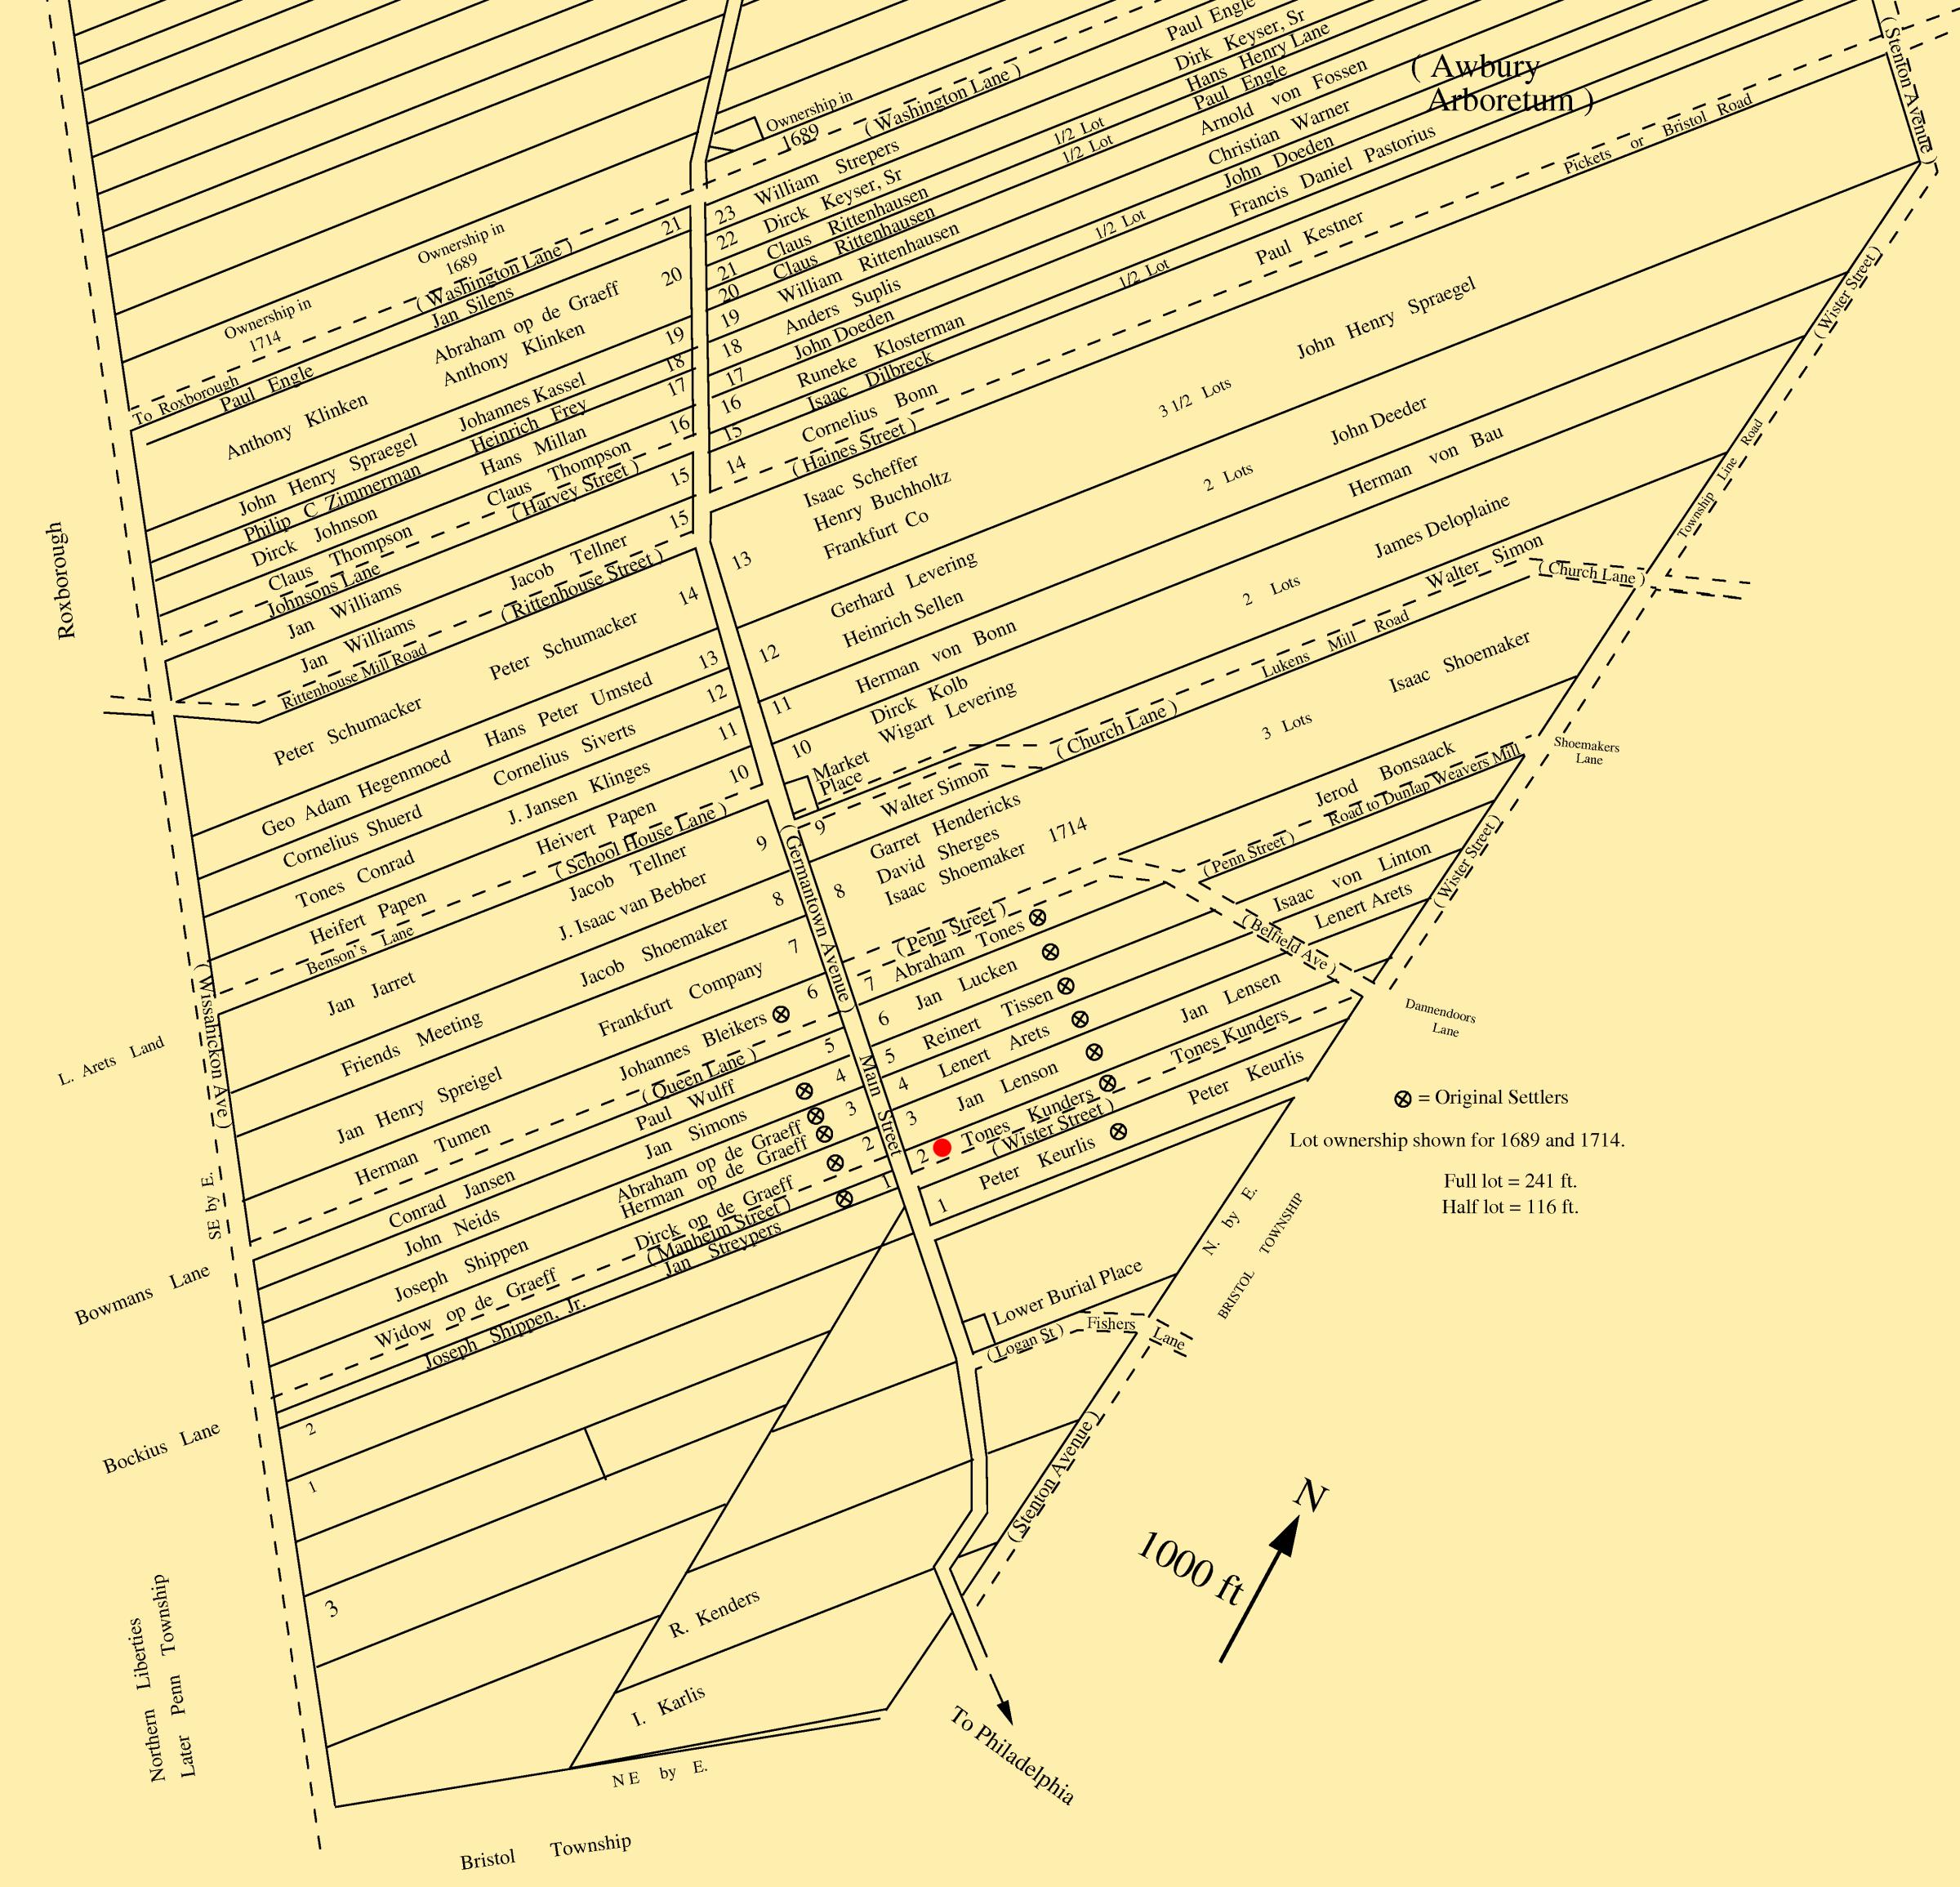 map of germantown philadelphia File Germantown Map 1689 Png Wikimedia Commons map of germantown philadelphia